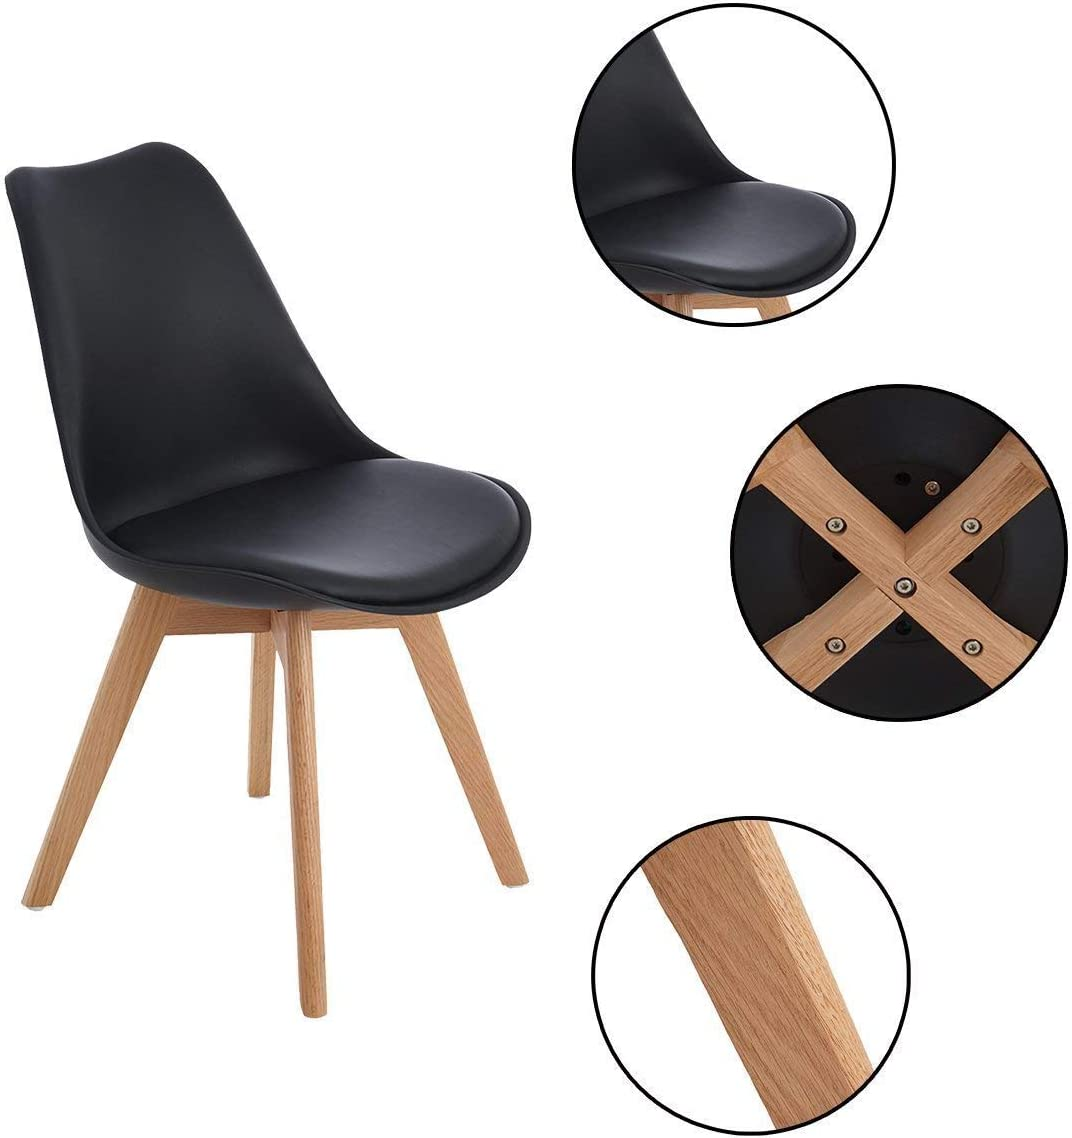 DORAFAIR Pack de 4 Sillas & Mesa, Juego de sillas de Comedor,Comedor de diseño nórdico, Color Blanco Negro aTThRR